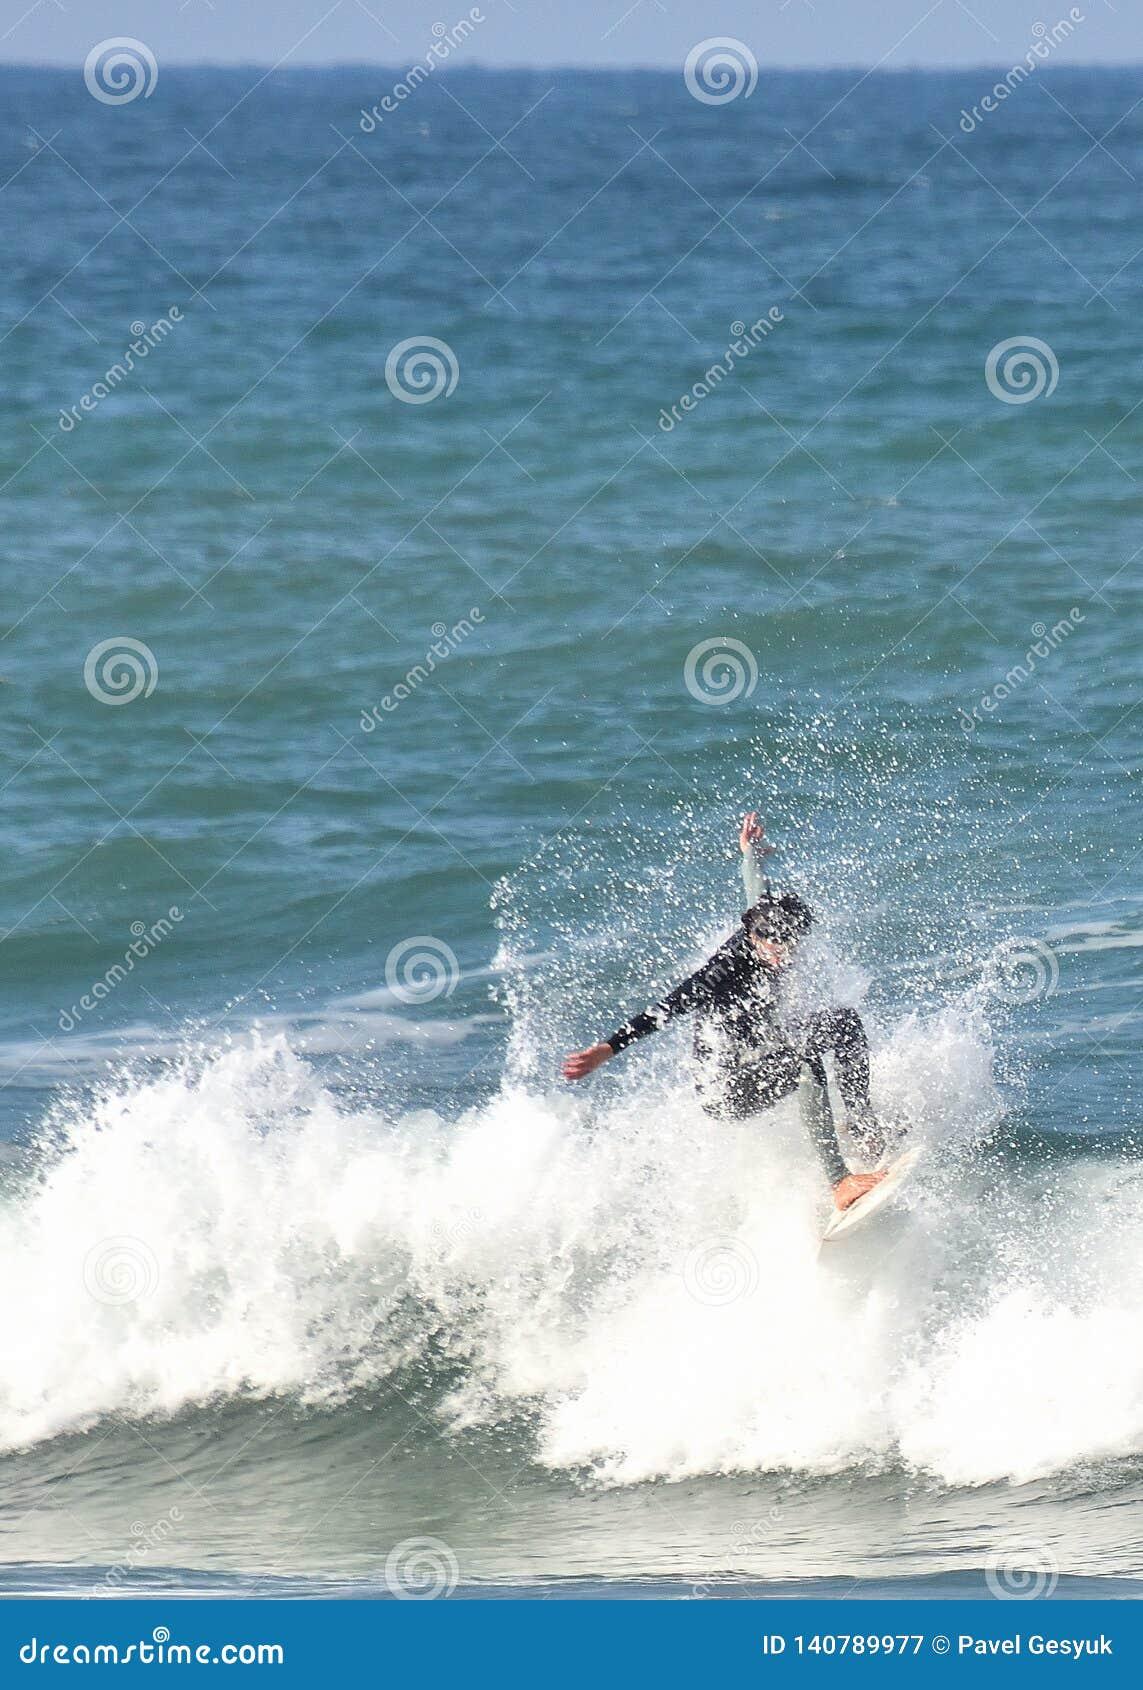 Vågsurfaren rider inom en färgstänk